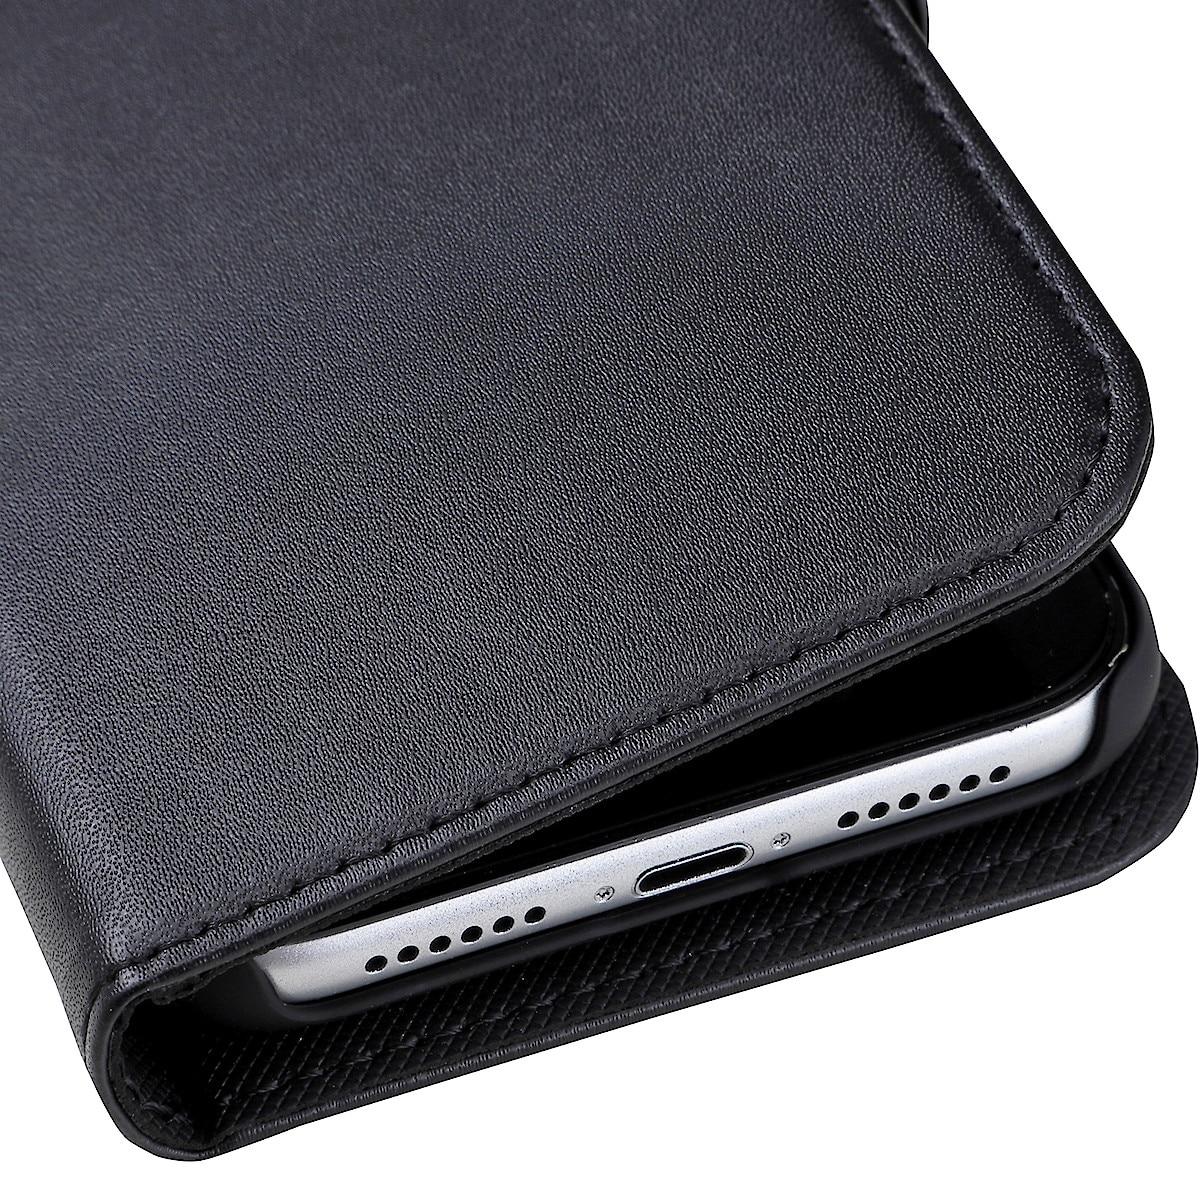 Holdit lommebok etui iPhone 11 Pro